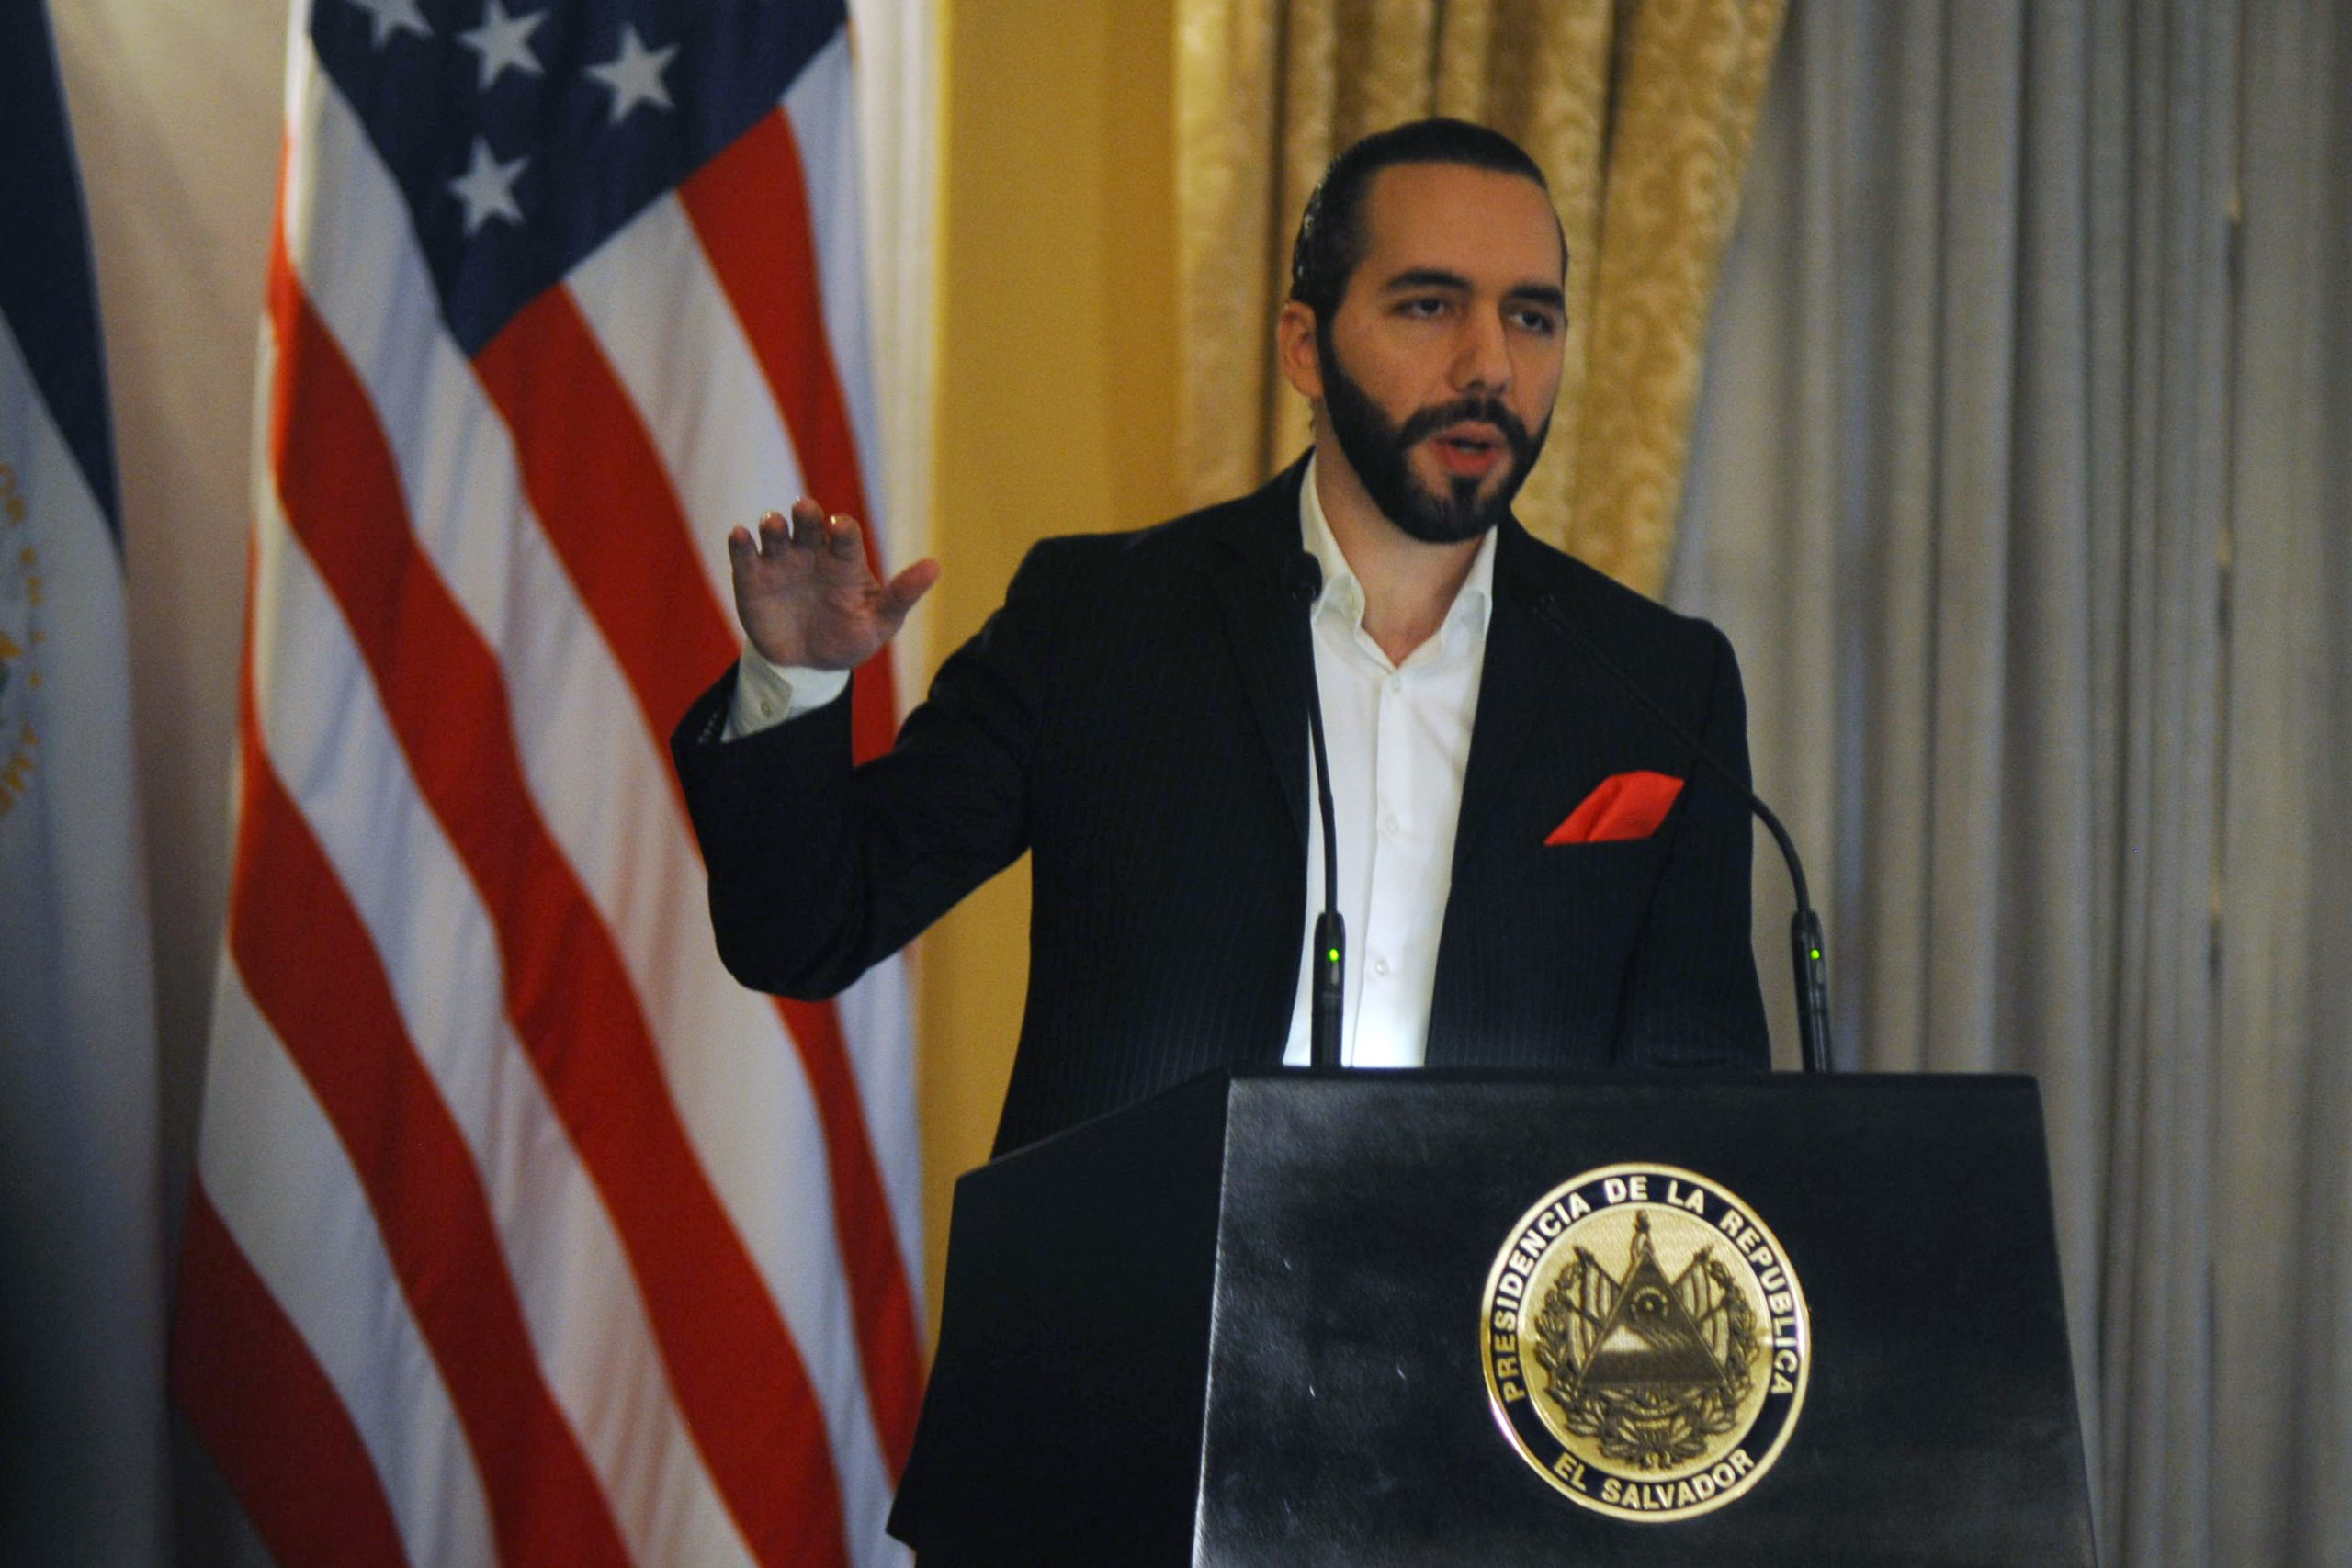 Presidente de El Salvador afirma que vuelo mexicano llevaba 12 contagiados de coronavirus; Ebrard responde